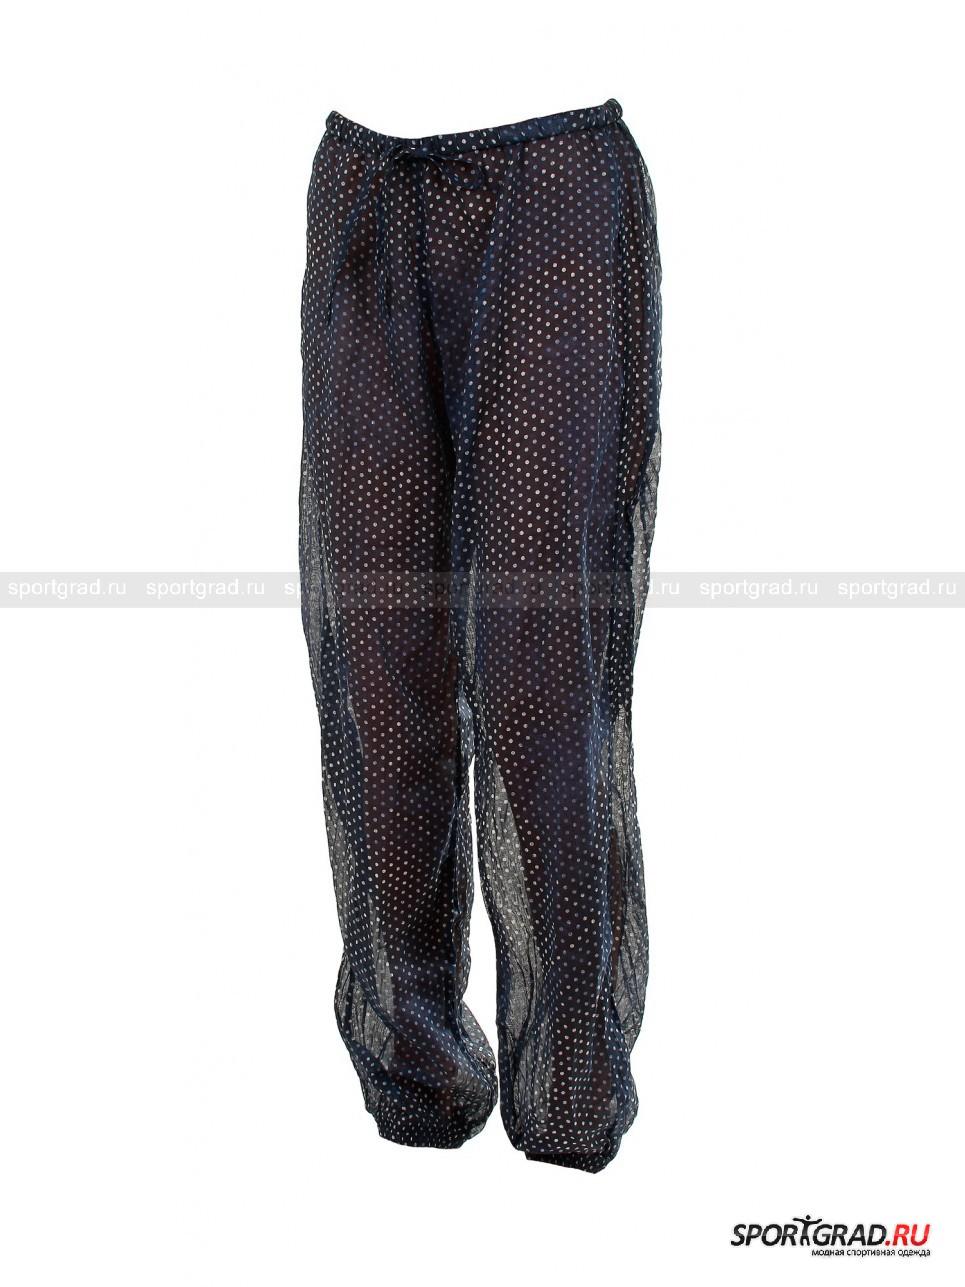 Фото прозрачные брюки 27 фотография